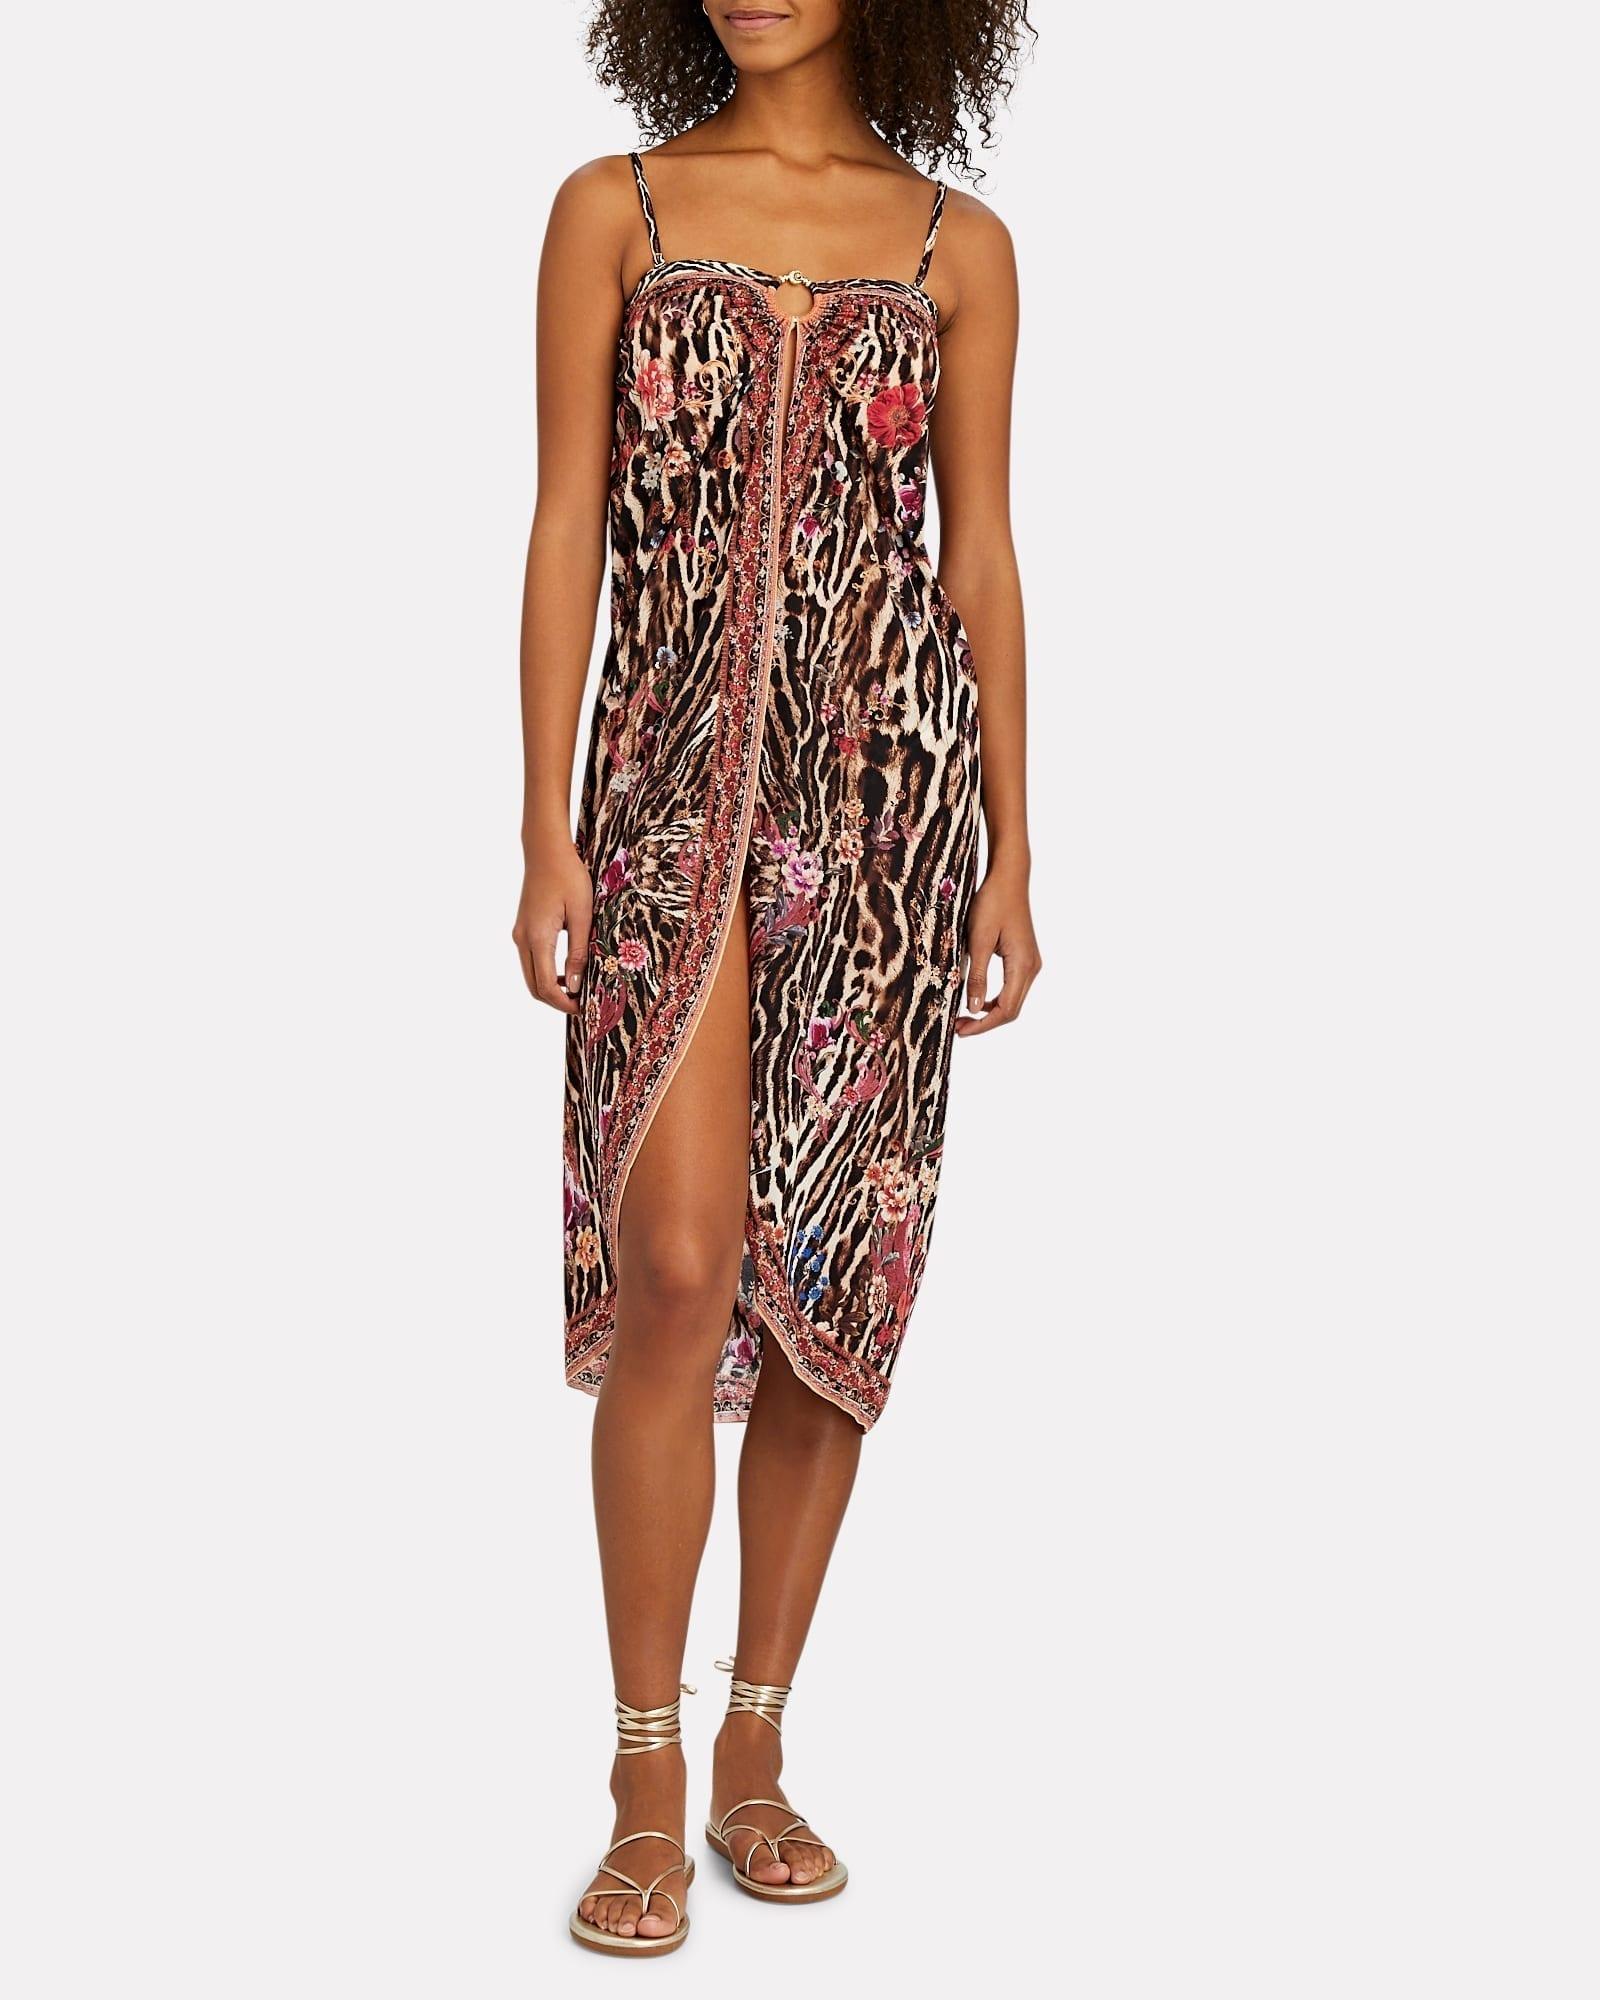 CAMILLA Leopard Printed Sarong Dress